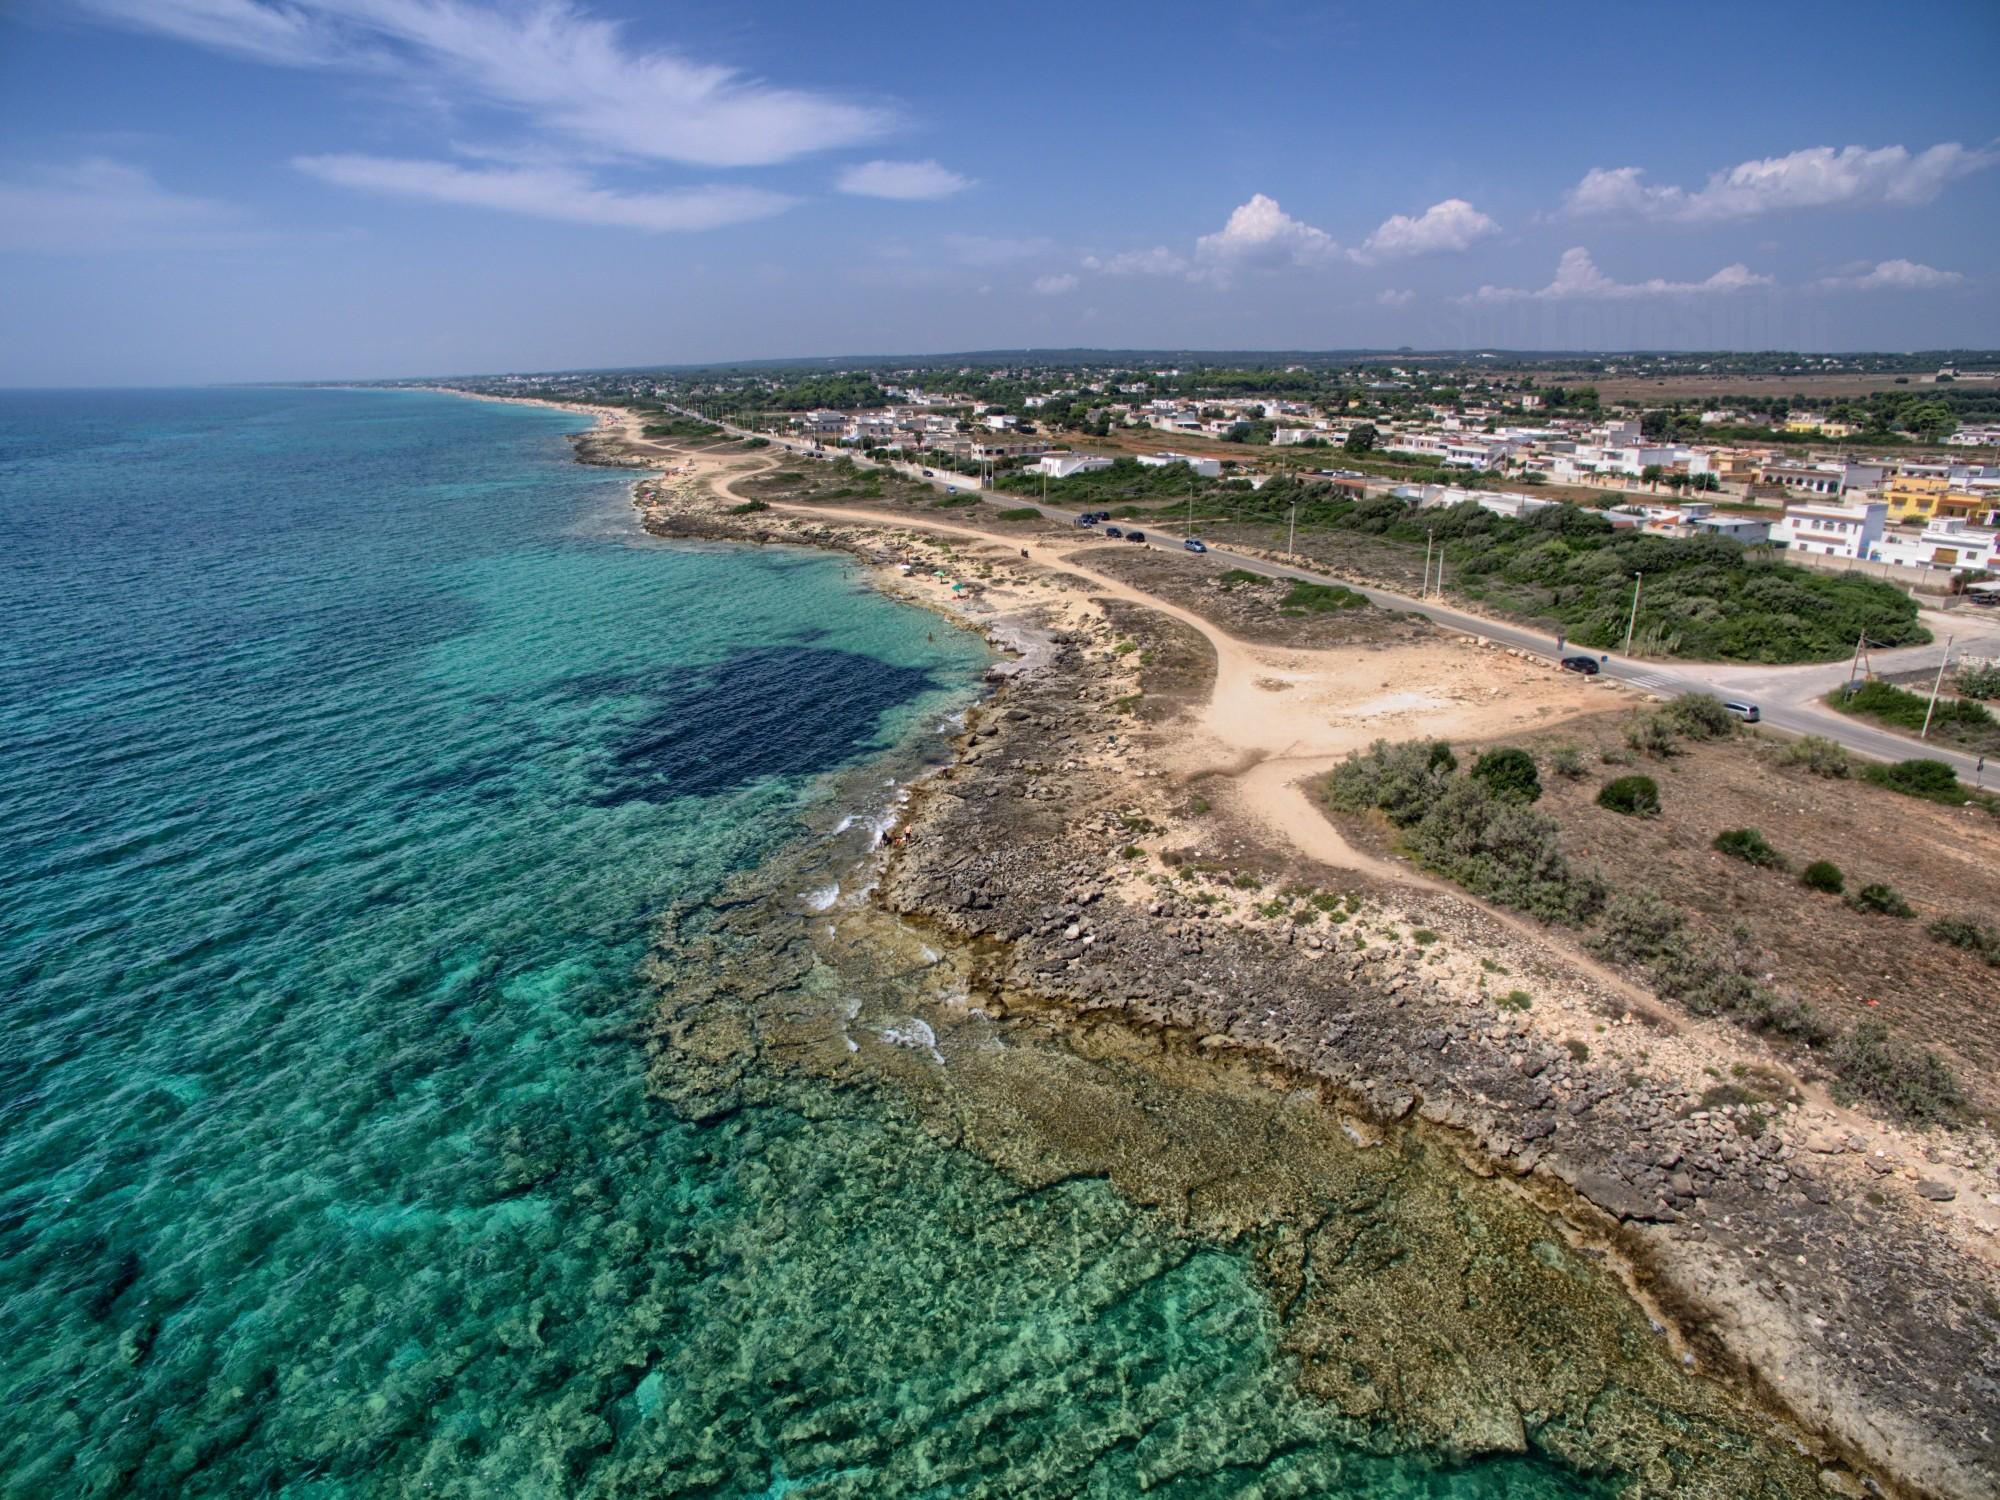 Rifugio dei Pescatori fronte spiaggia photo 23163928